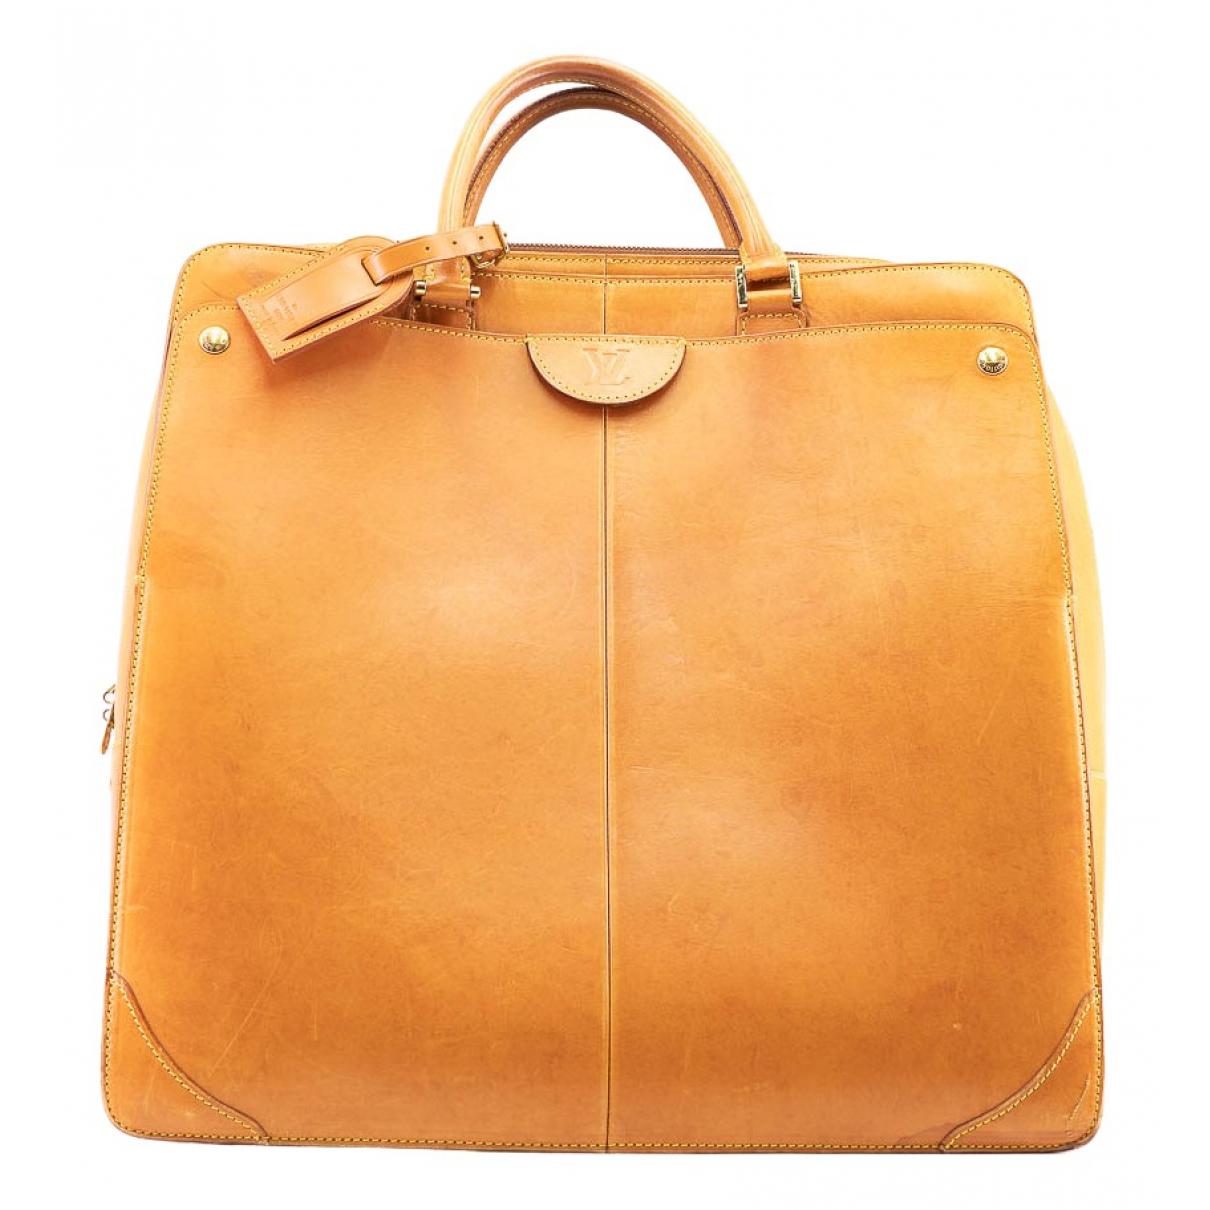 Louis Vuitton - Sac a main Neguev pour femme en cuir - camel